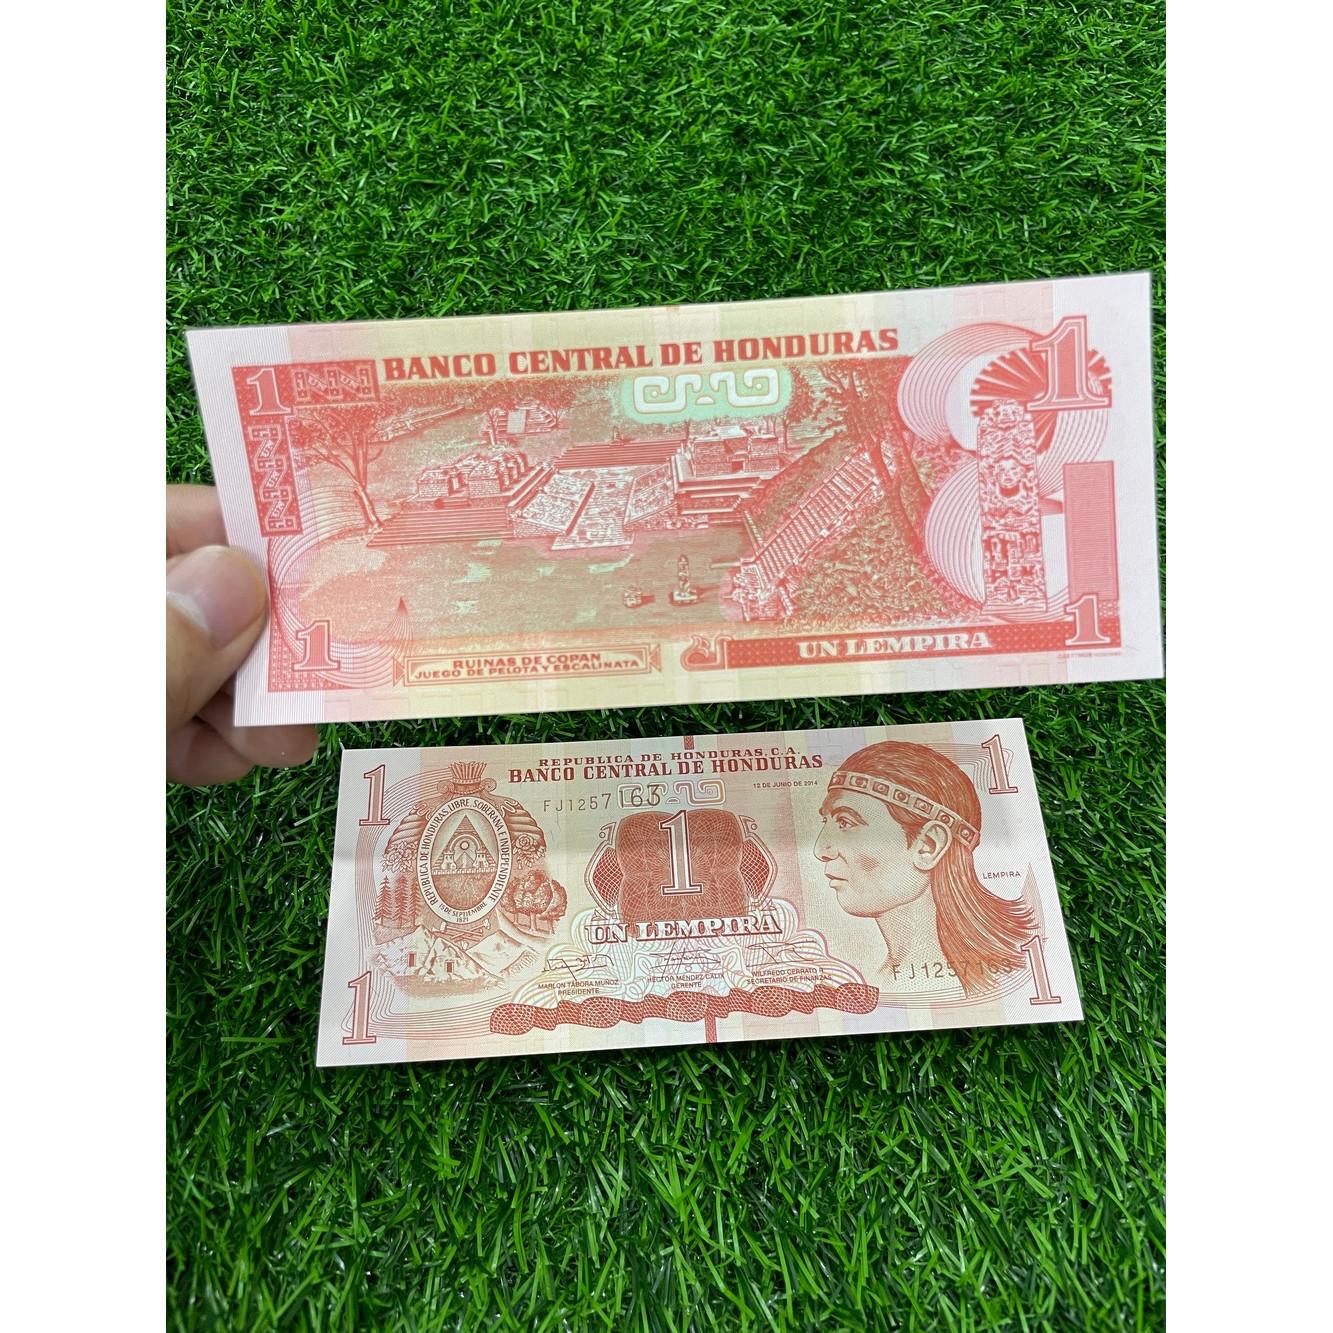 Tiền Honduras 1 Lempiras, ở Nam Mỹ, mới 100% UNC, tặng túi nilon bảo quản